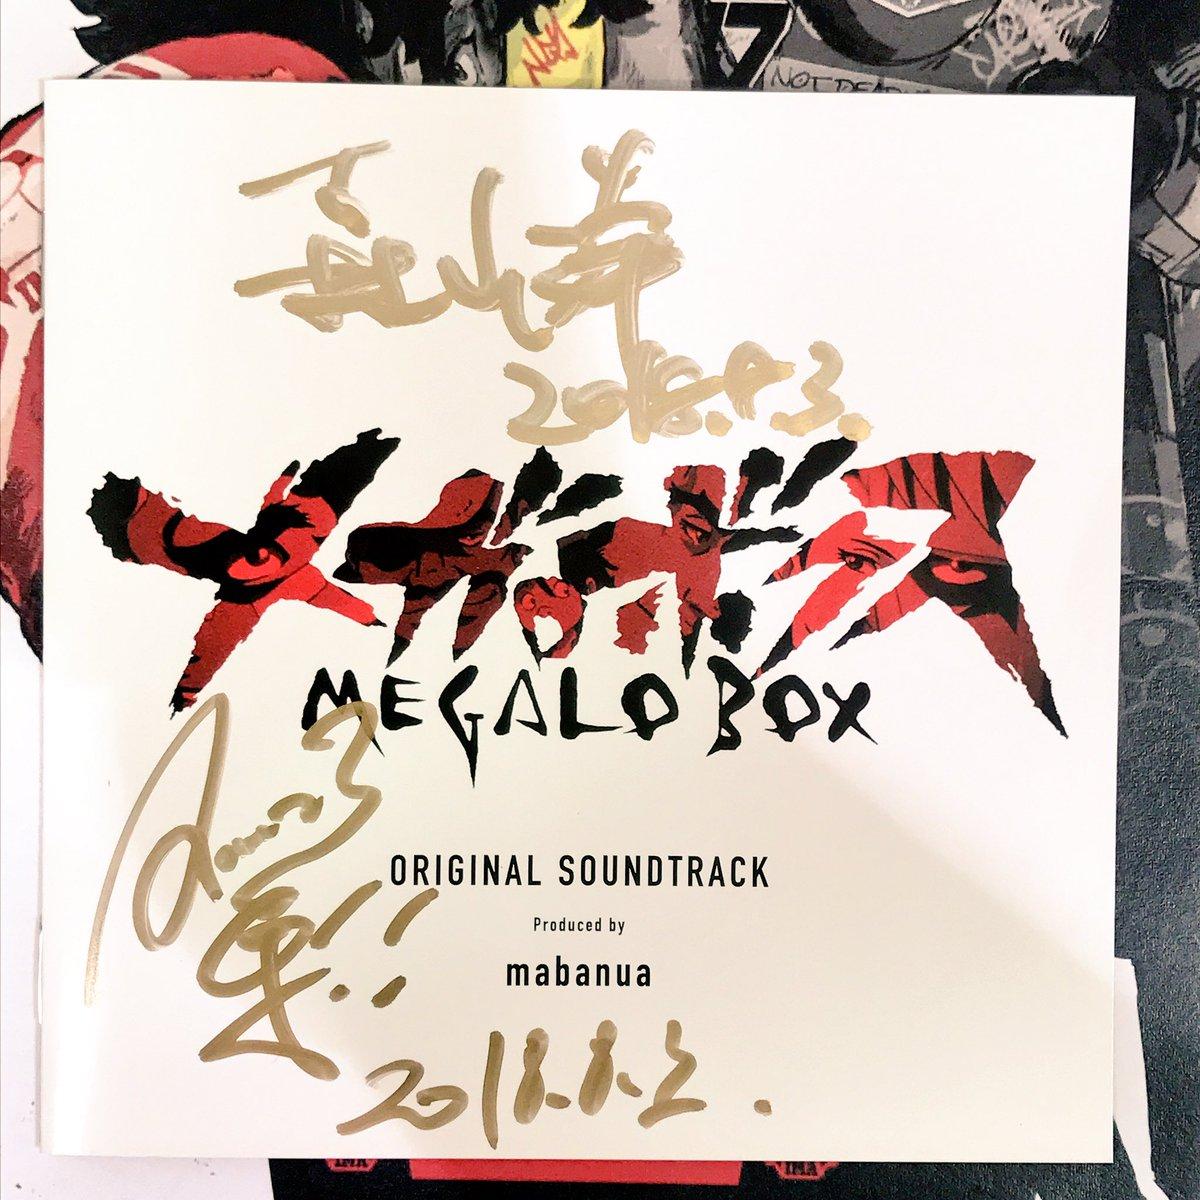 メガロボクスオリジナル・サウンドトラックに関する画像3